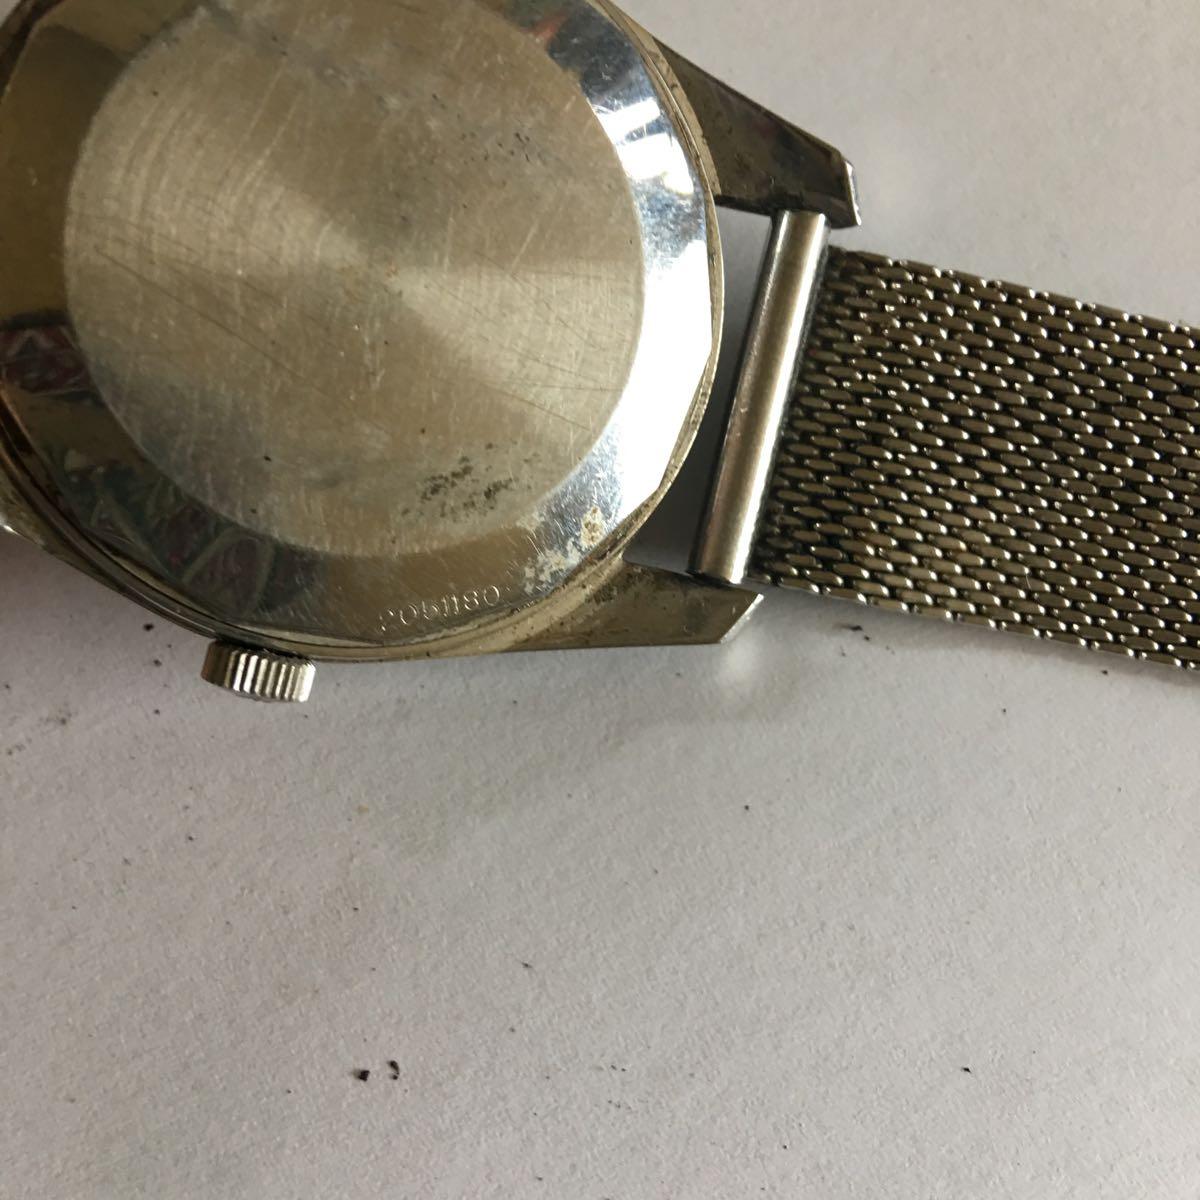 IWC インターナショナル ウォッチカンパニー SS 自動巻き デイト ラウンド アンティーク メンズ 腕時計 管理番号01_画像6